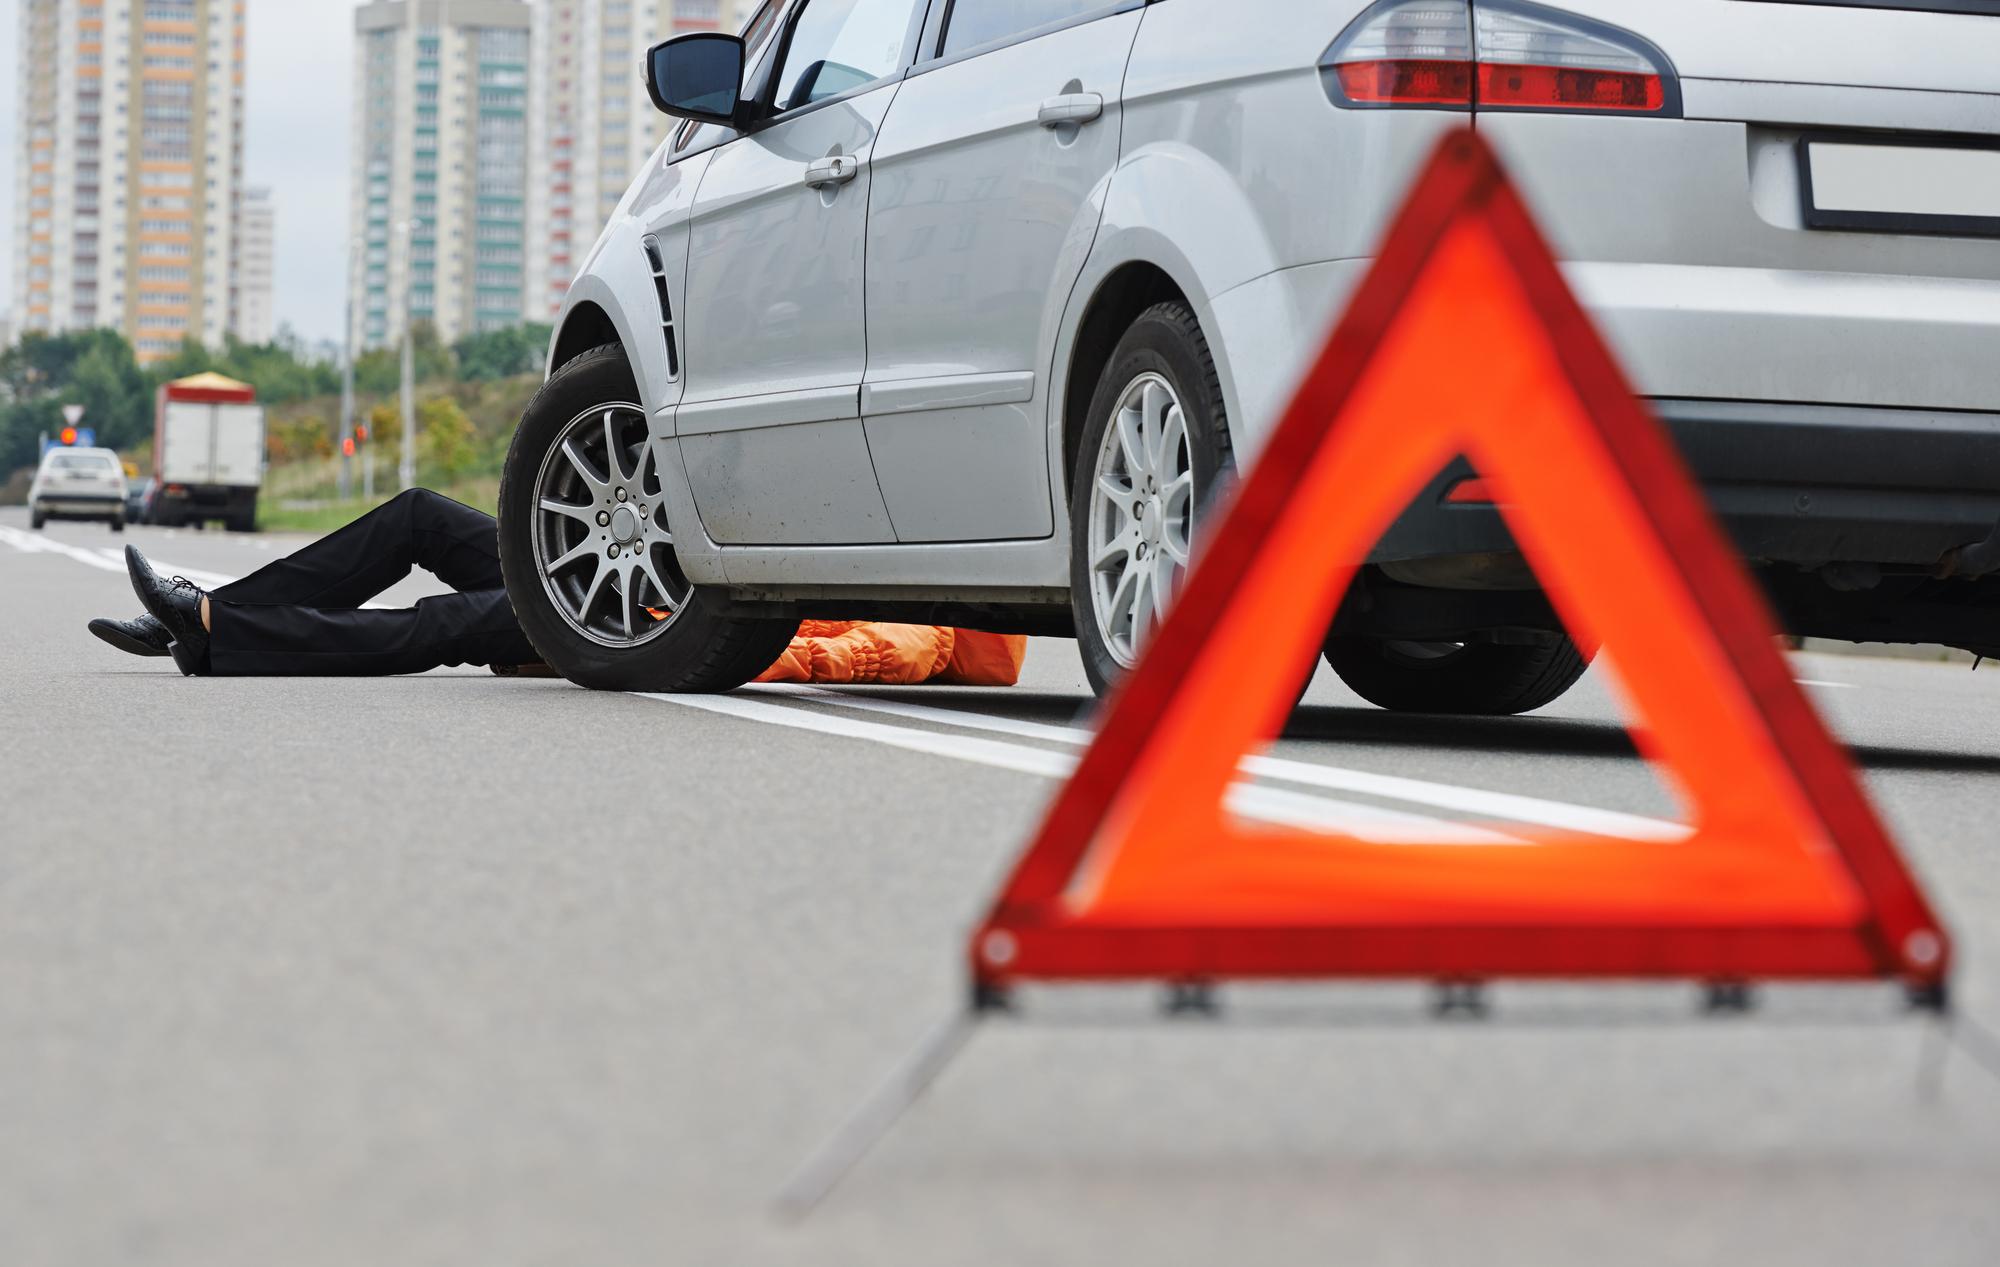 Сбившего подростка водителя взяли под стражу в Забайкалье